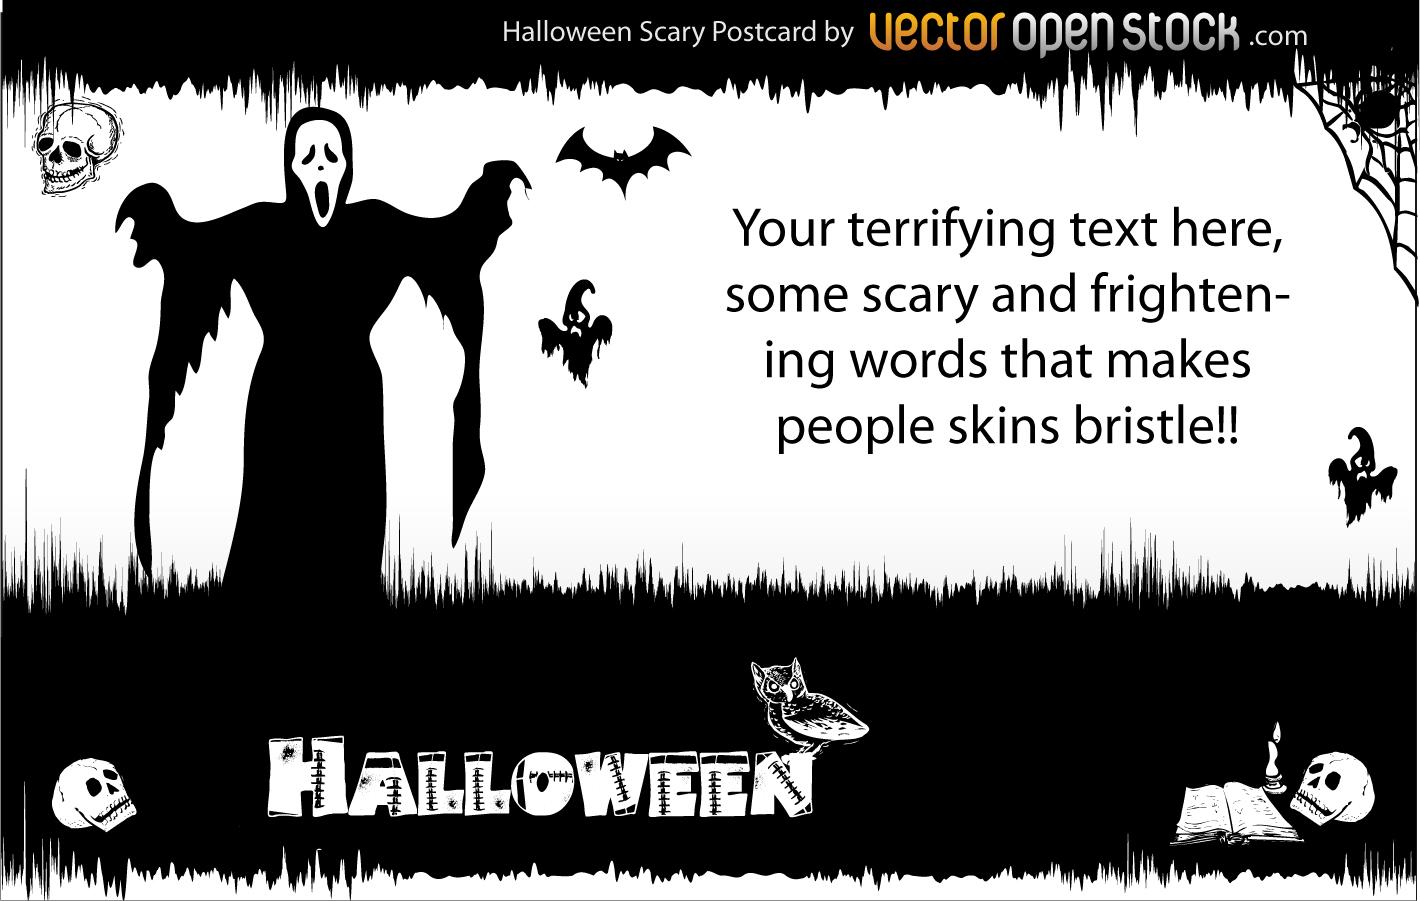 死神が襲い掛かるハロウィンの背景 skull ghost horror halloween background イラスト素材